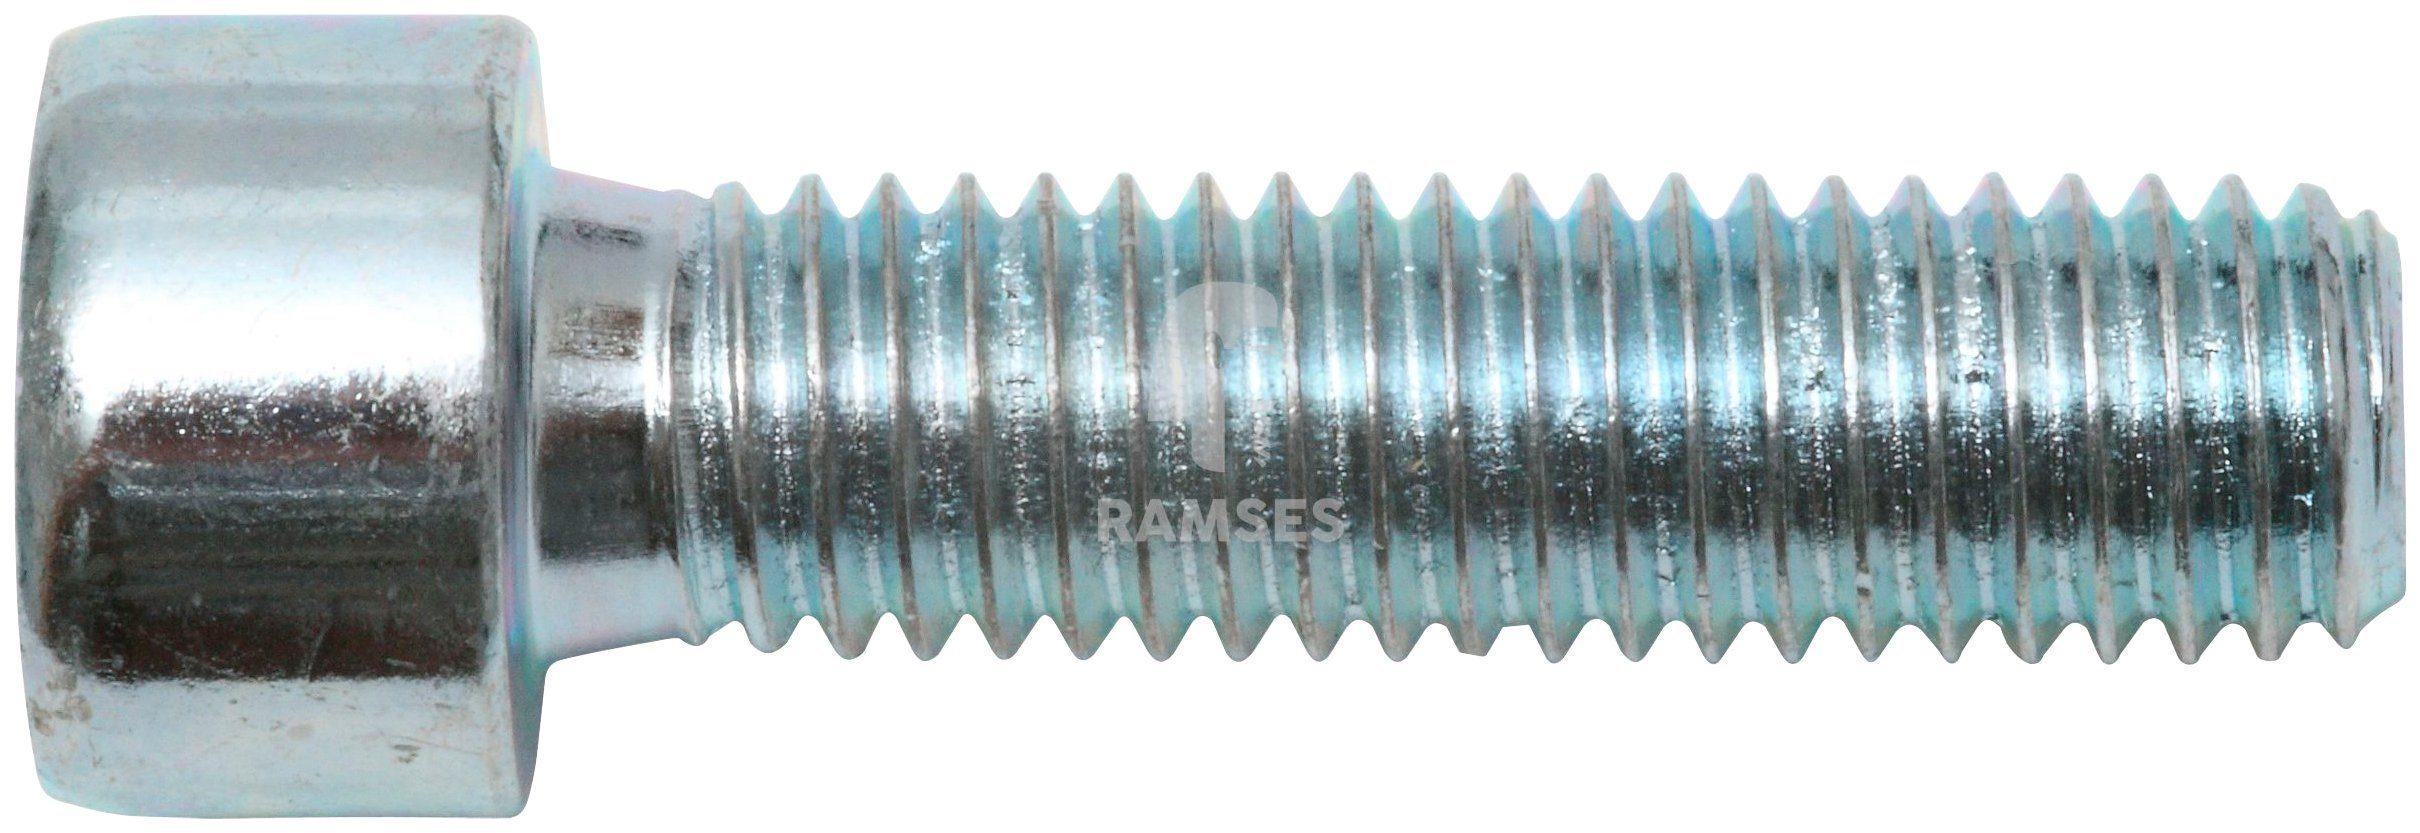 RAMSES Schrauben , Zylinderschraube M6 x 25 mm SW5 100 Stk.